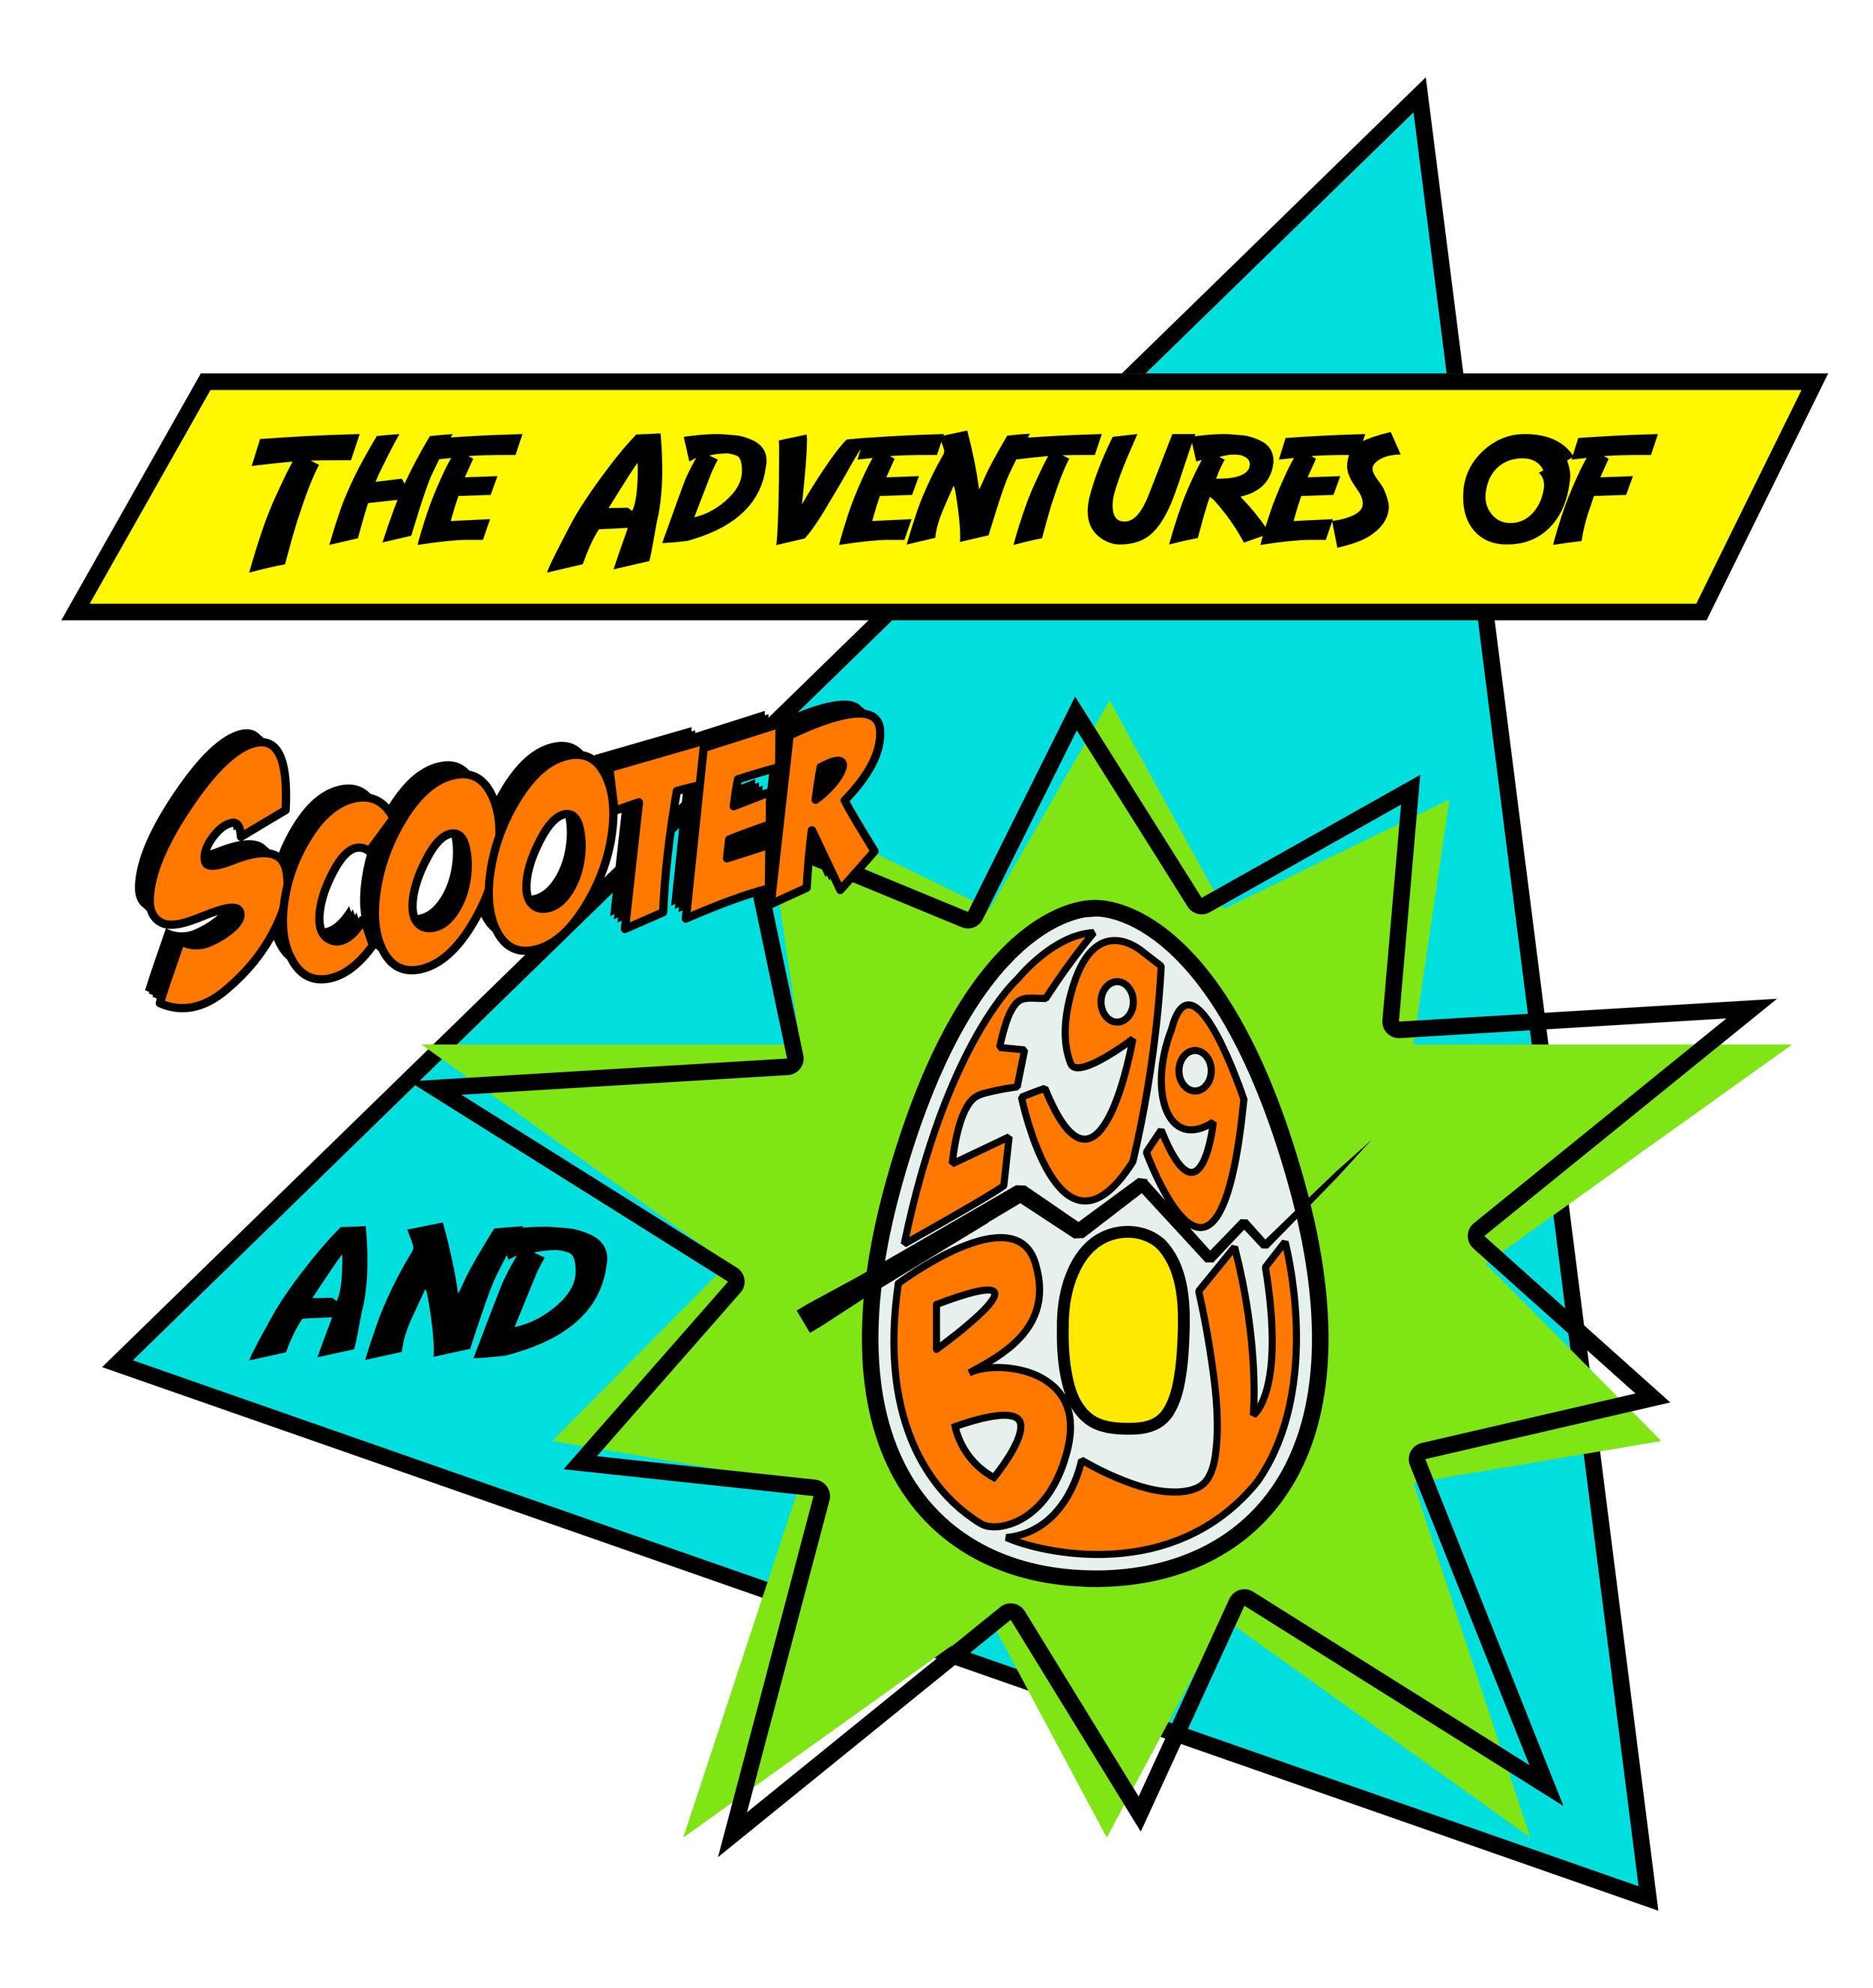 Egg Boy & Scooter Logo FINAL.jpg